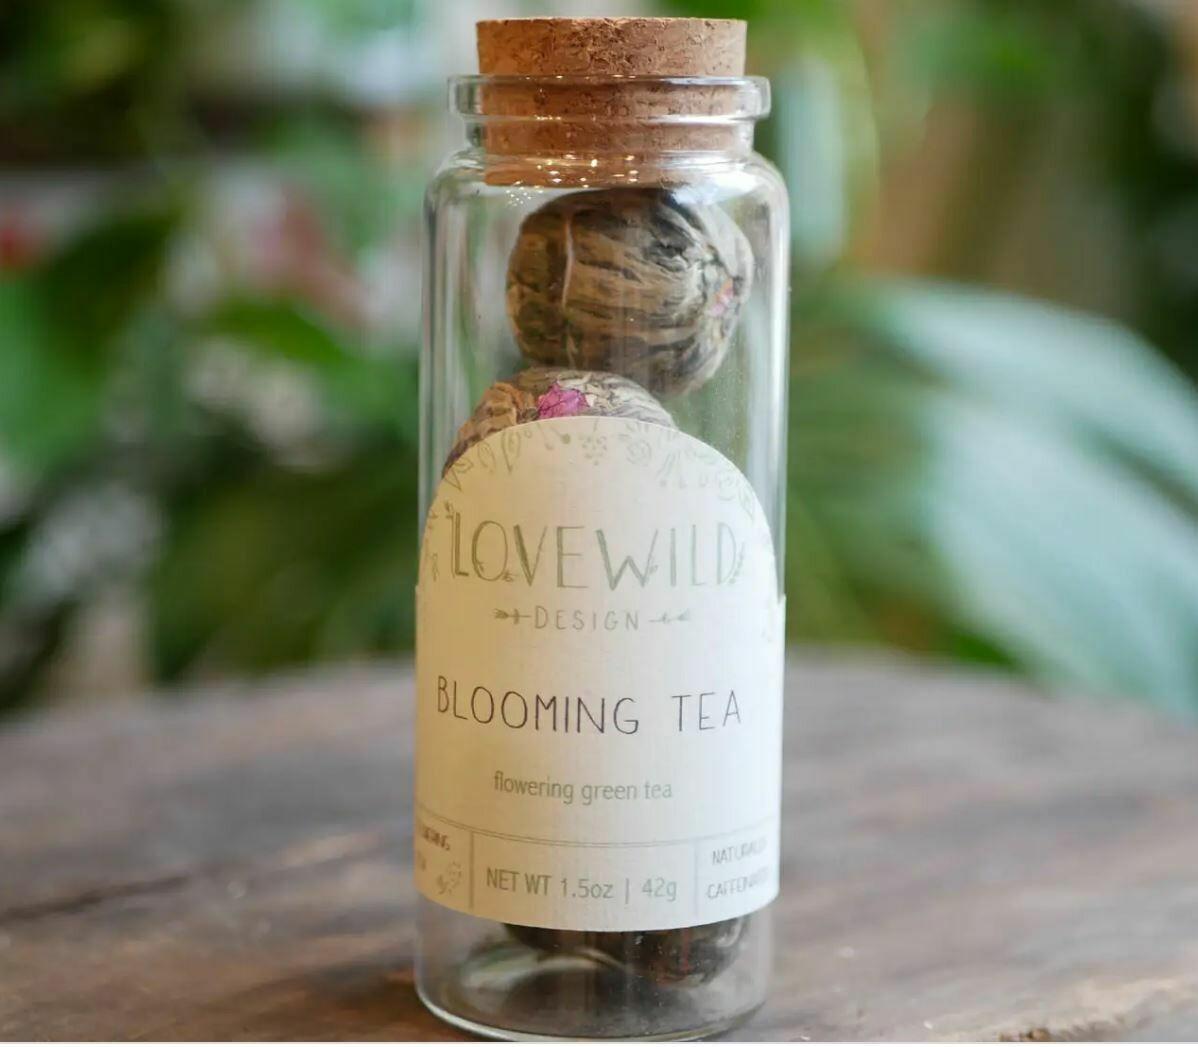 Blooming Teas